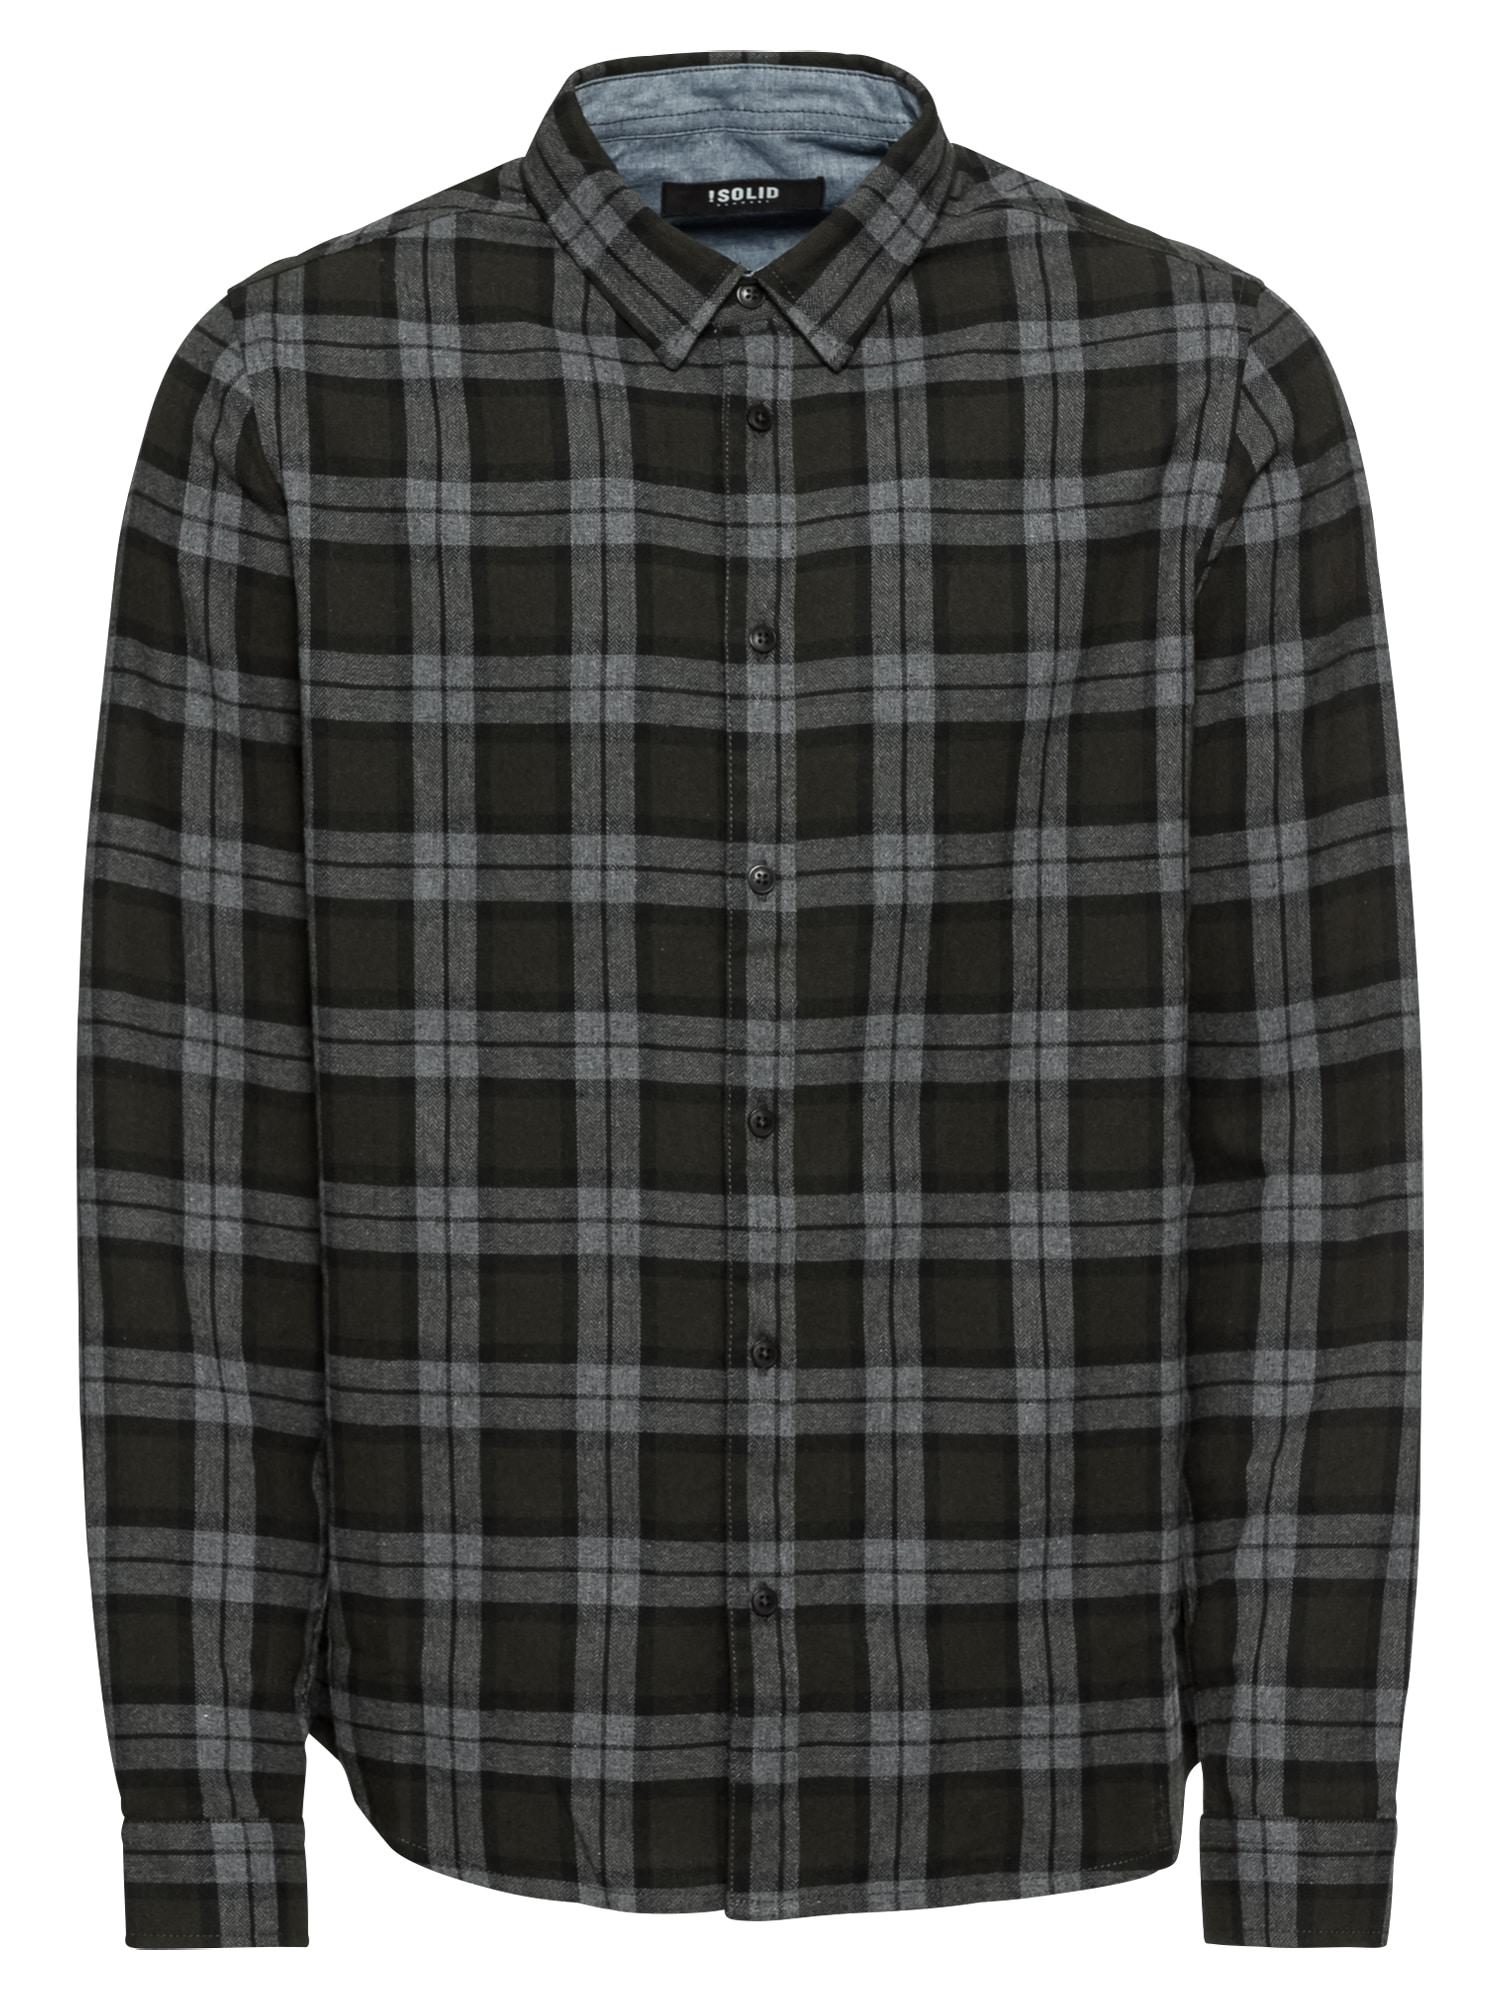 Košile Tylor Check tmavě modrá čedičová šedá !Solid